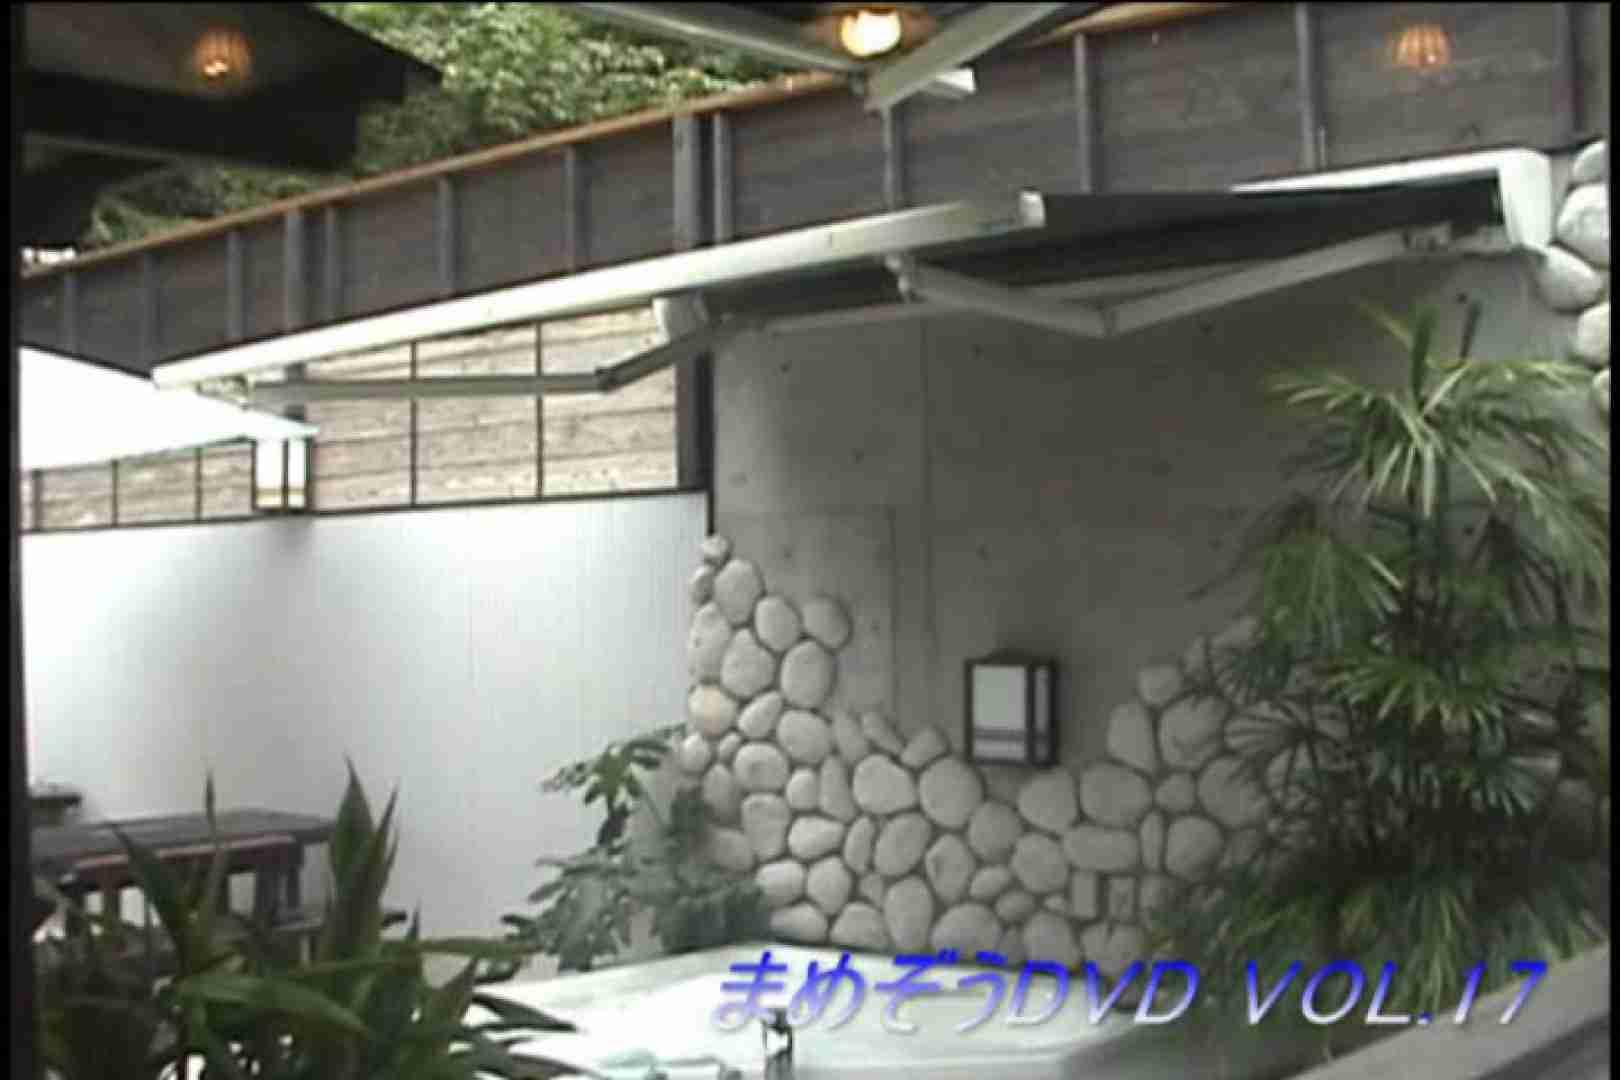 まめぞうDVD完全版VOL.17 洗面所 | ギャル攻め  94画像 51